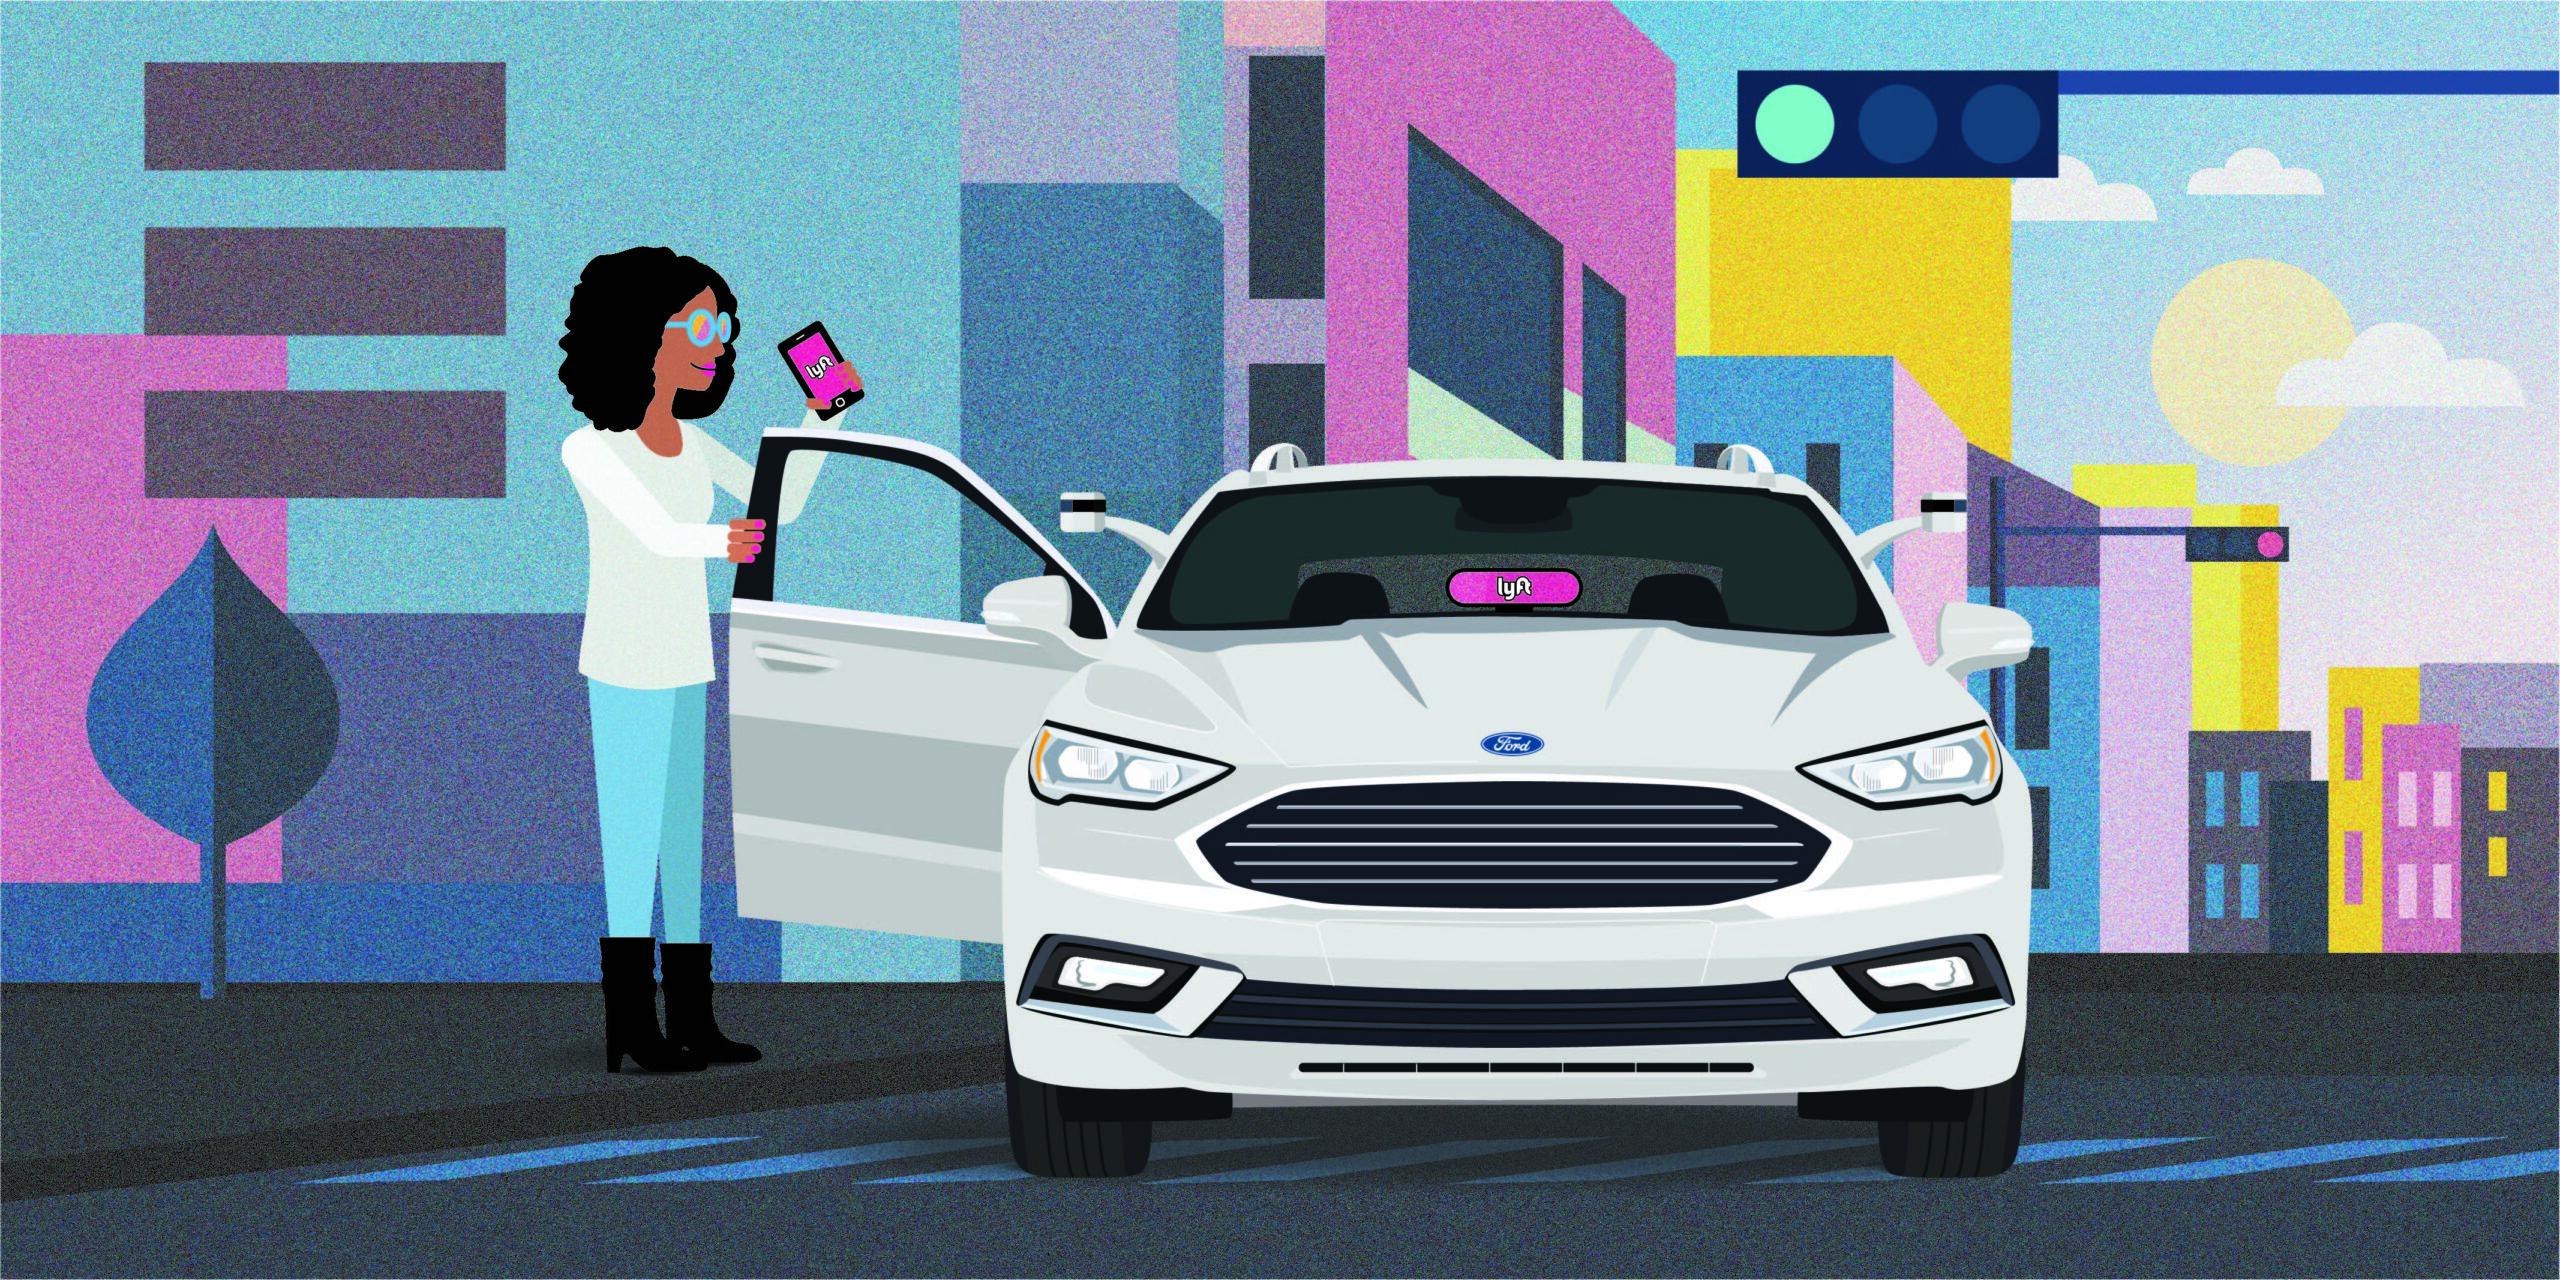 Ford se une a Lyft para desarrollar vehículos autónomos